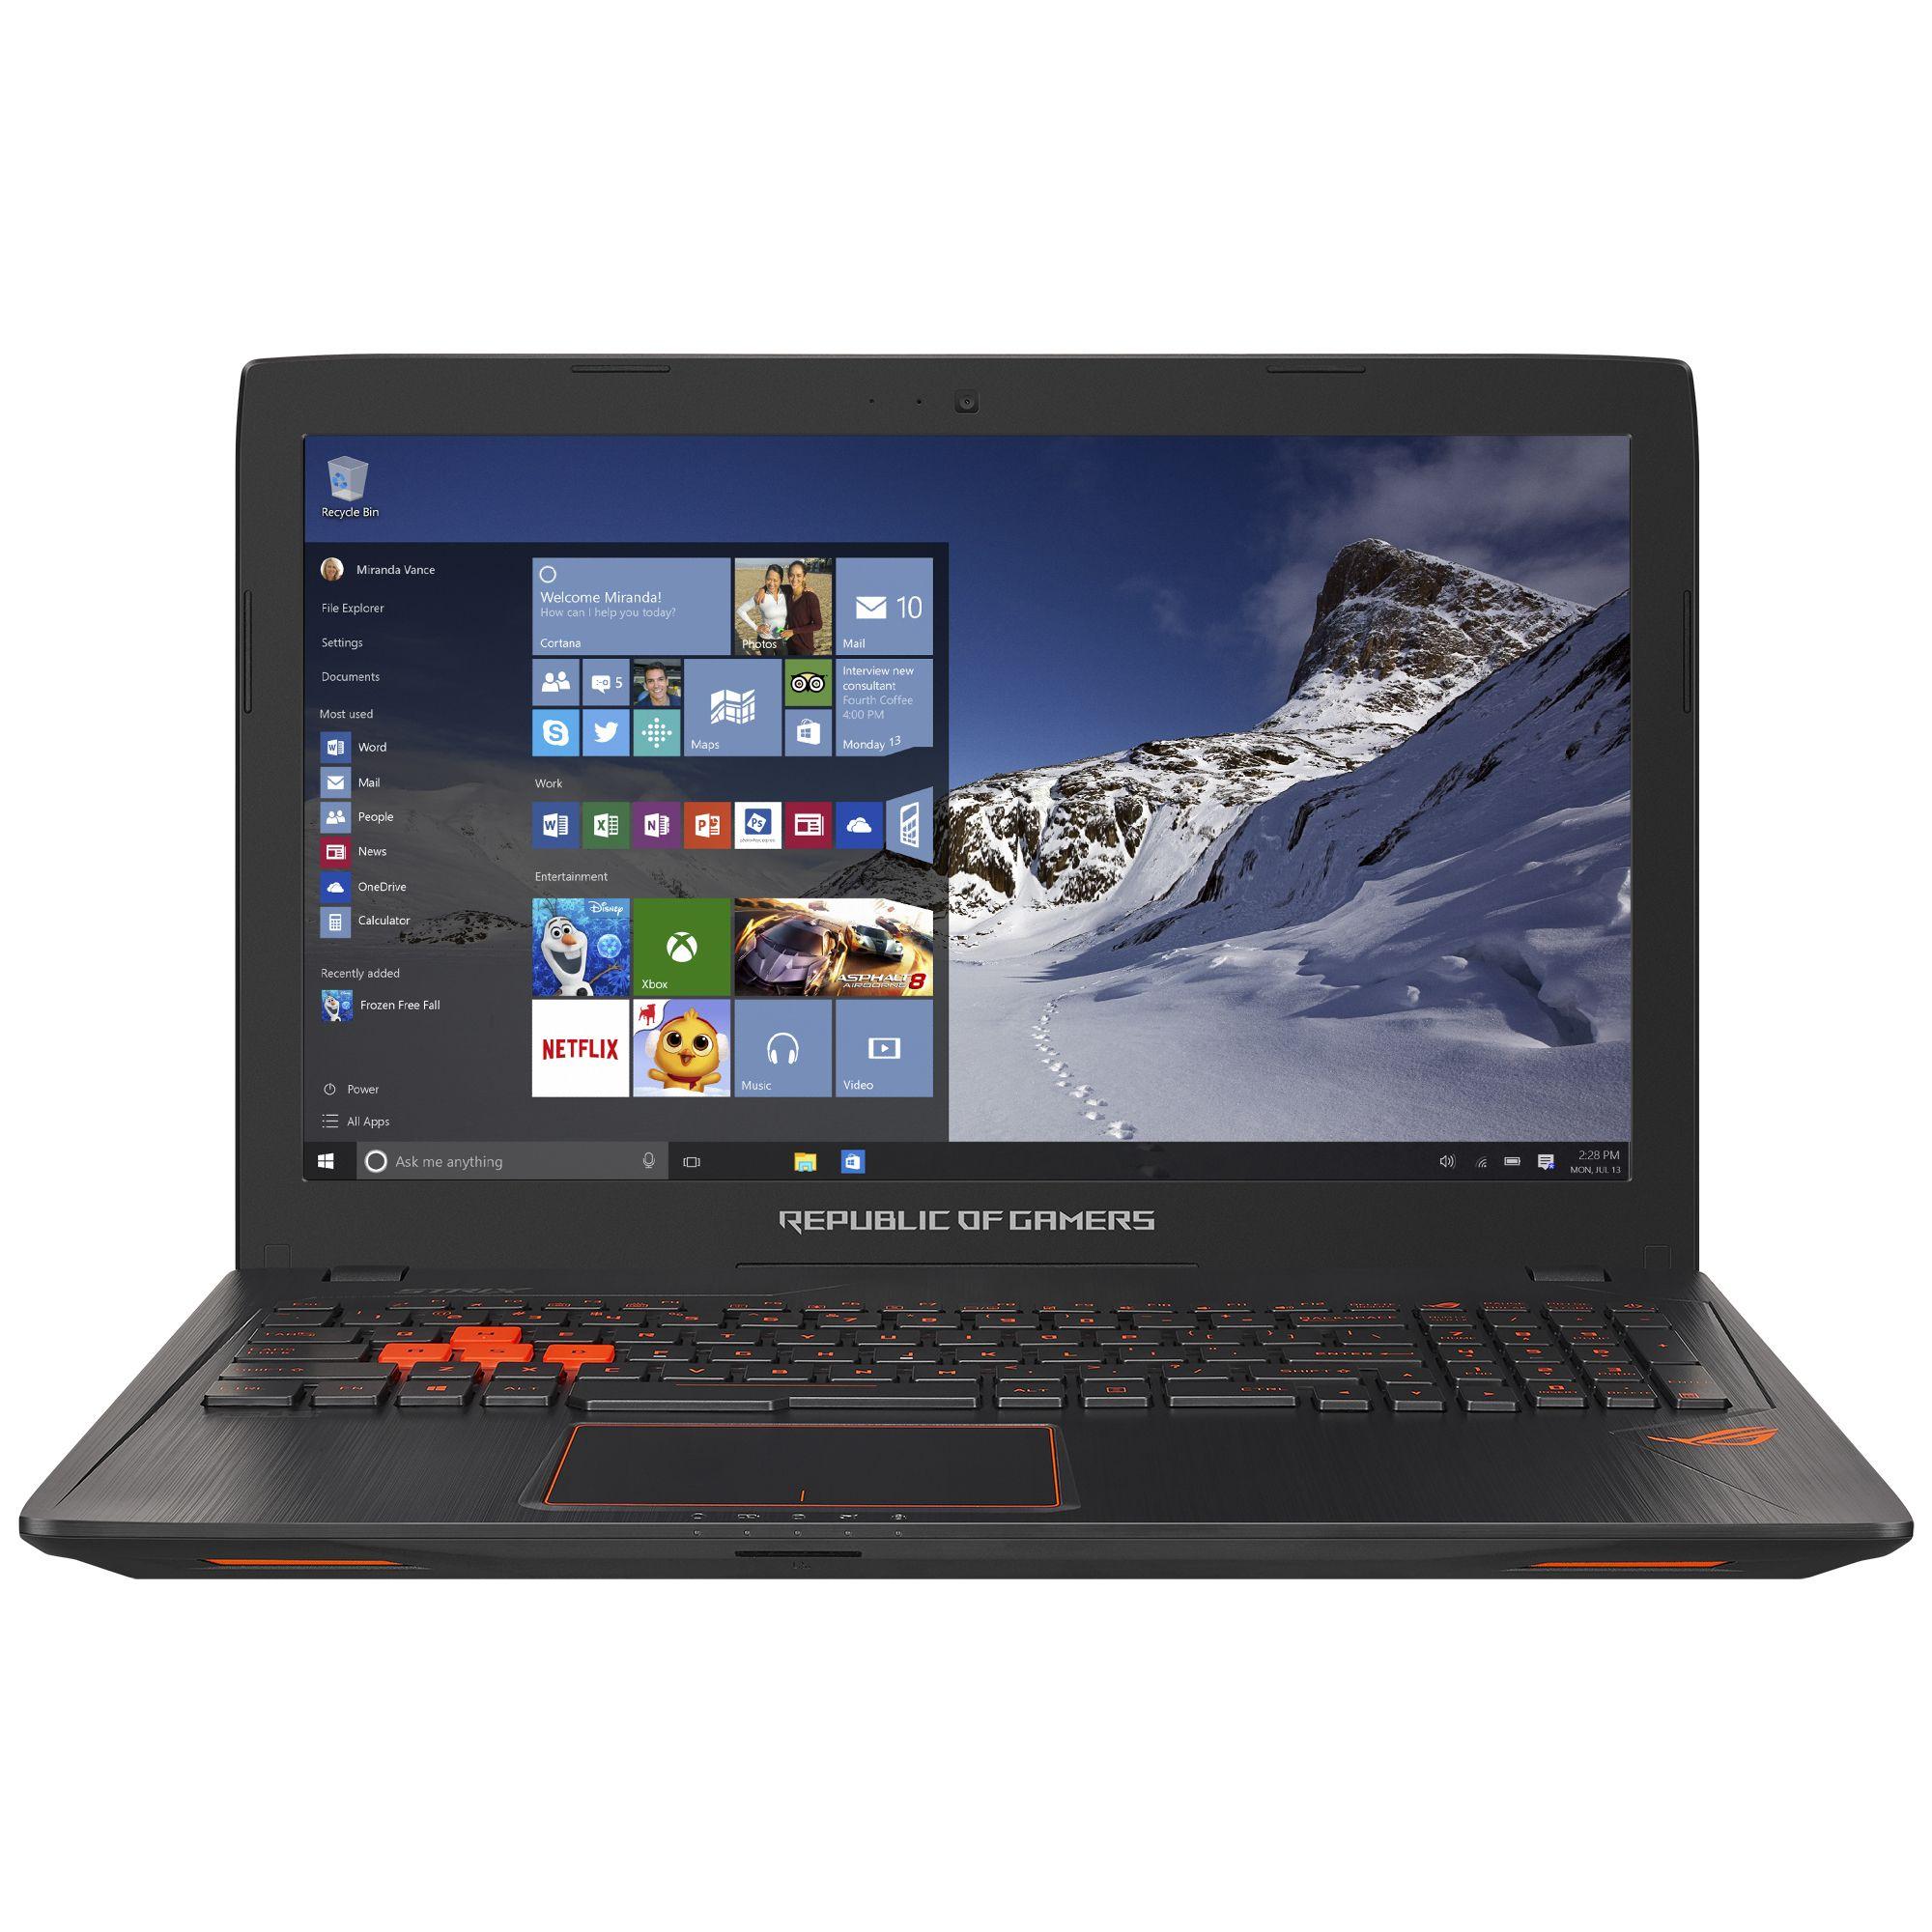 Notebook Asus ROG GL553VE 15.6 Full HD Intel Core i7-7700HQ GTX 1050 Ti-4GB RAM 8GB SSD 256GB Endless